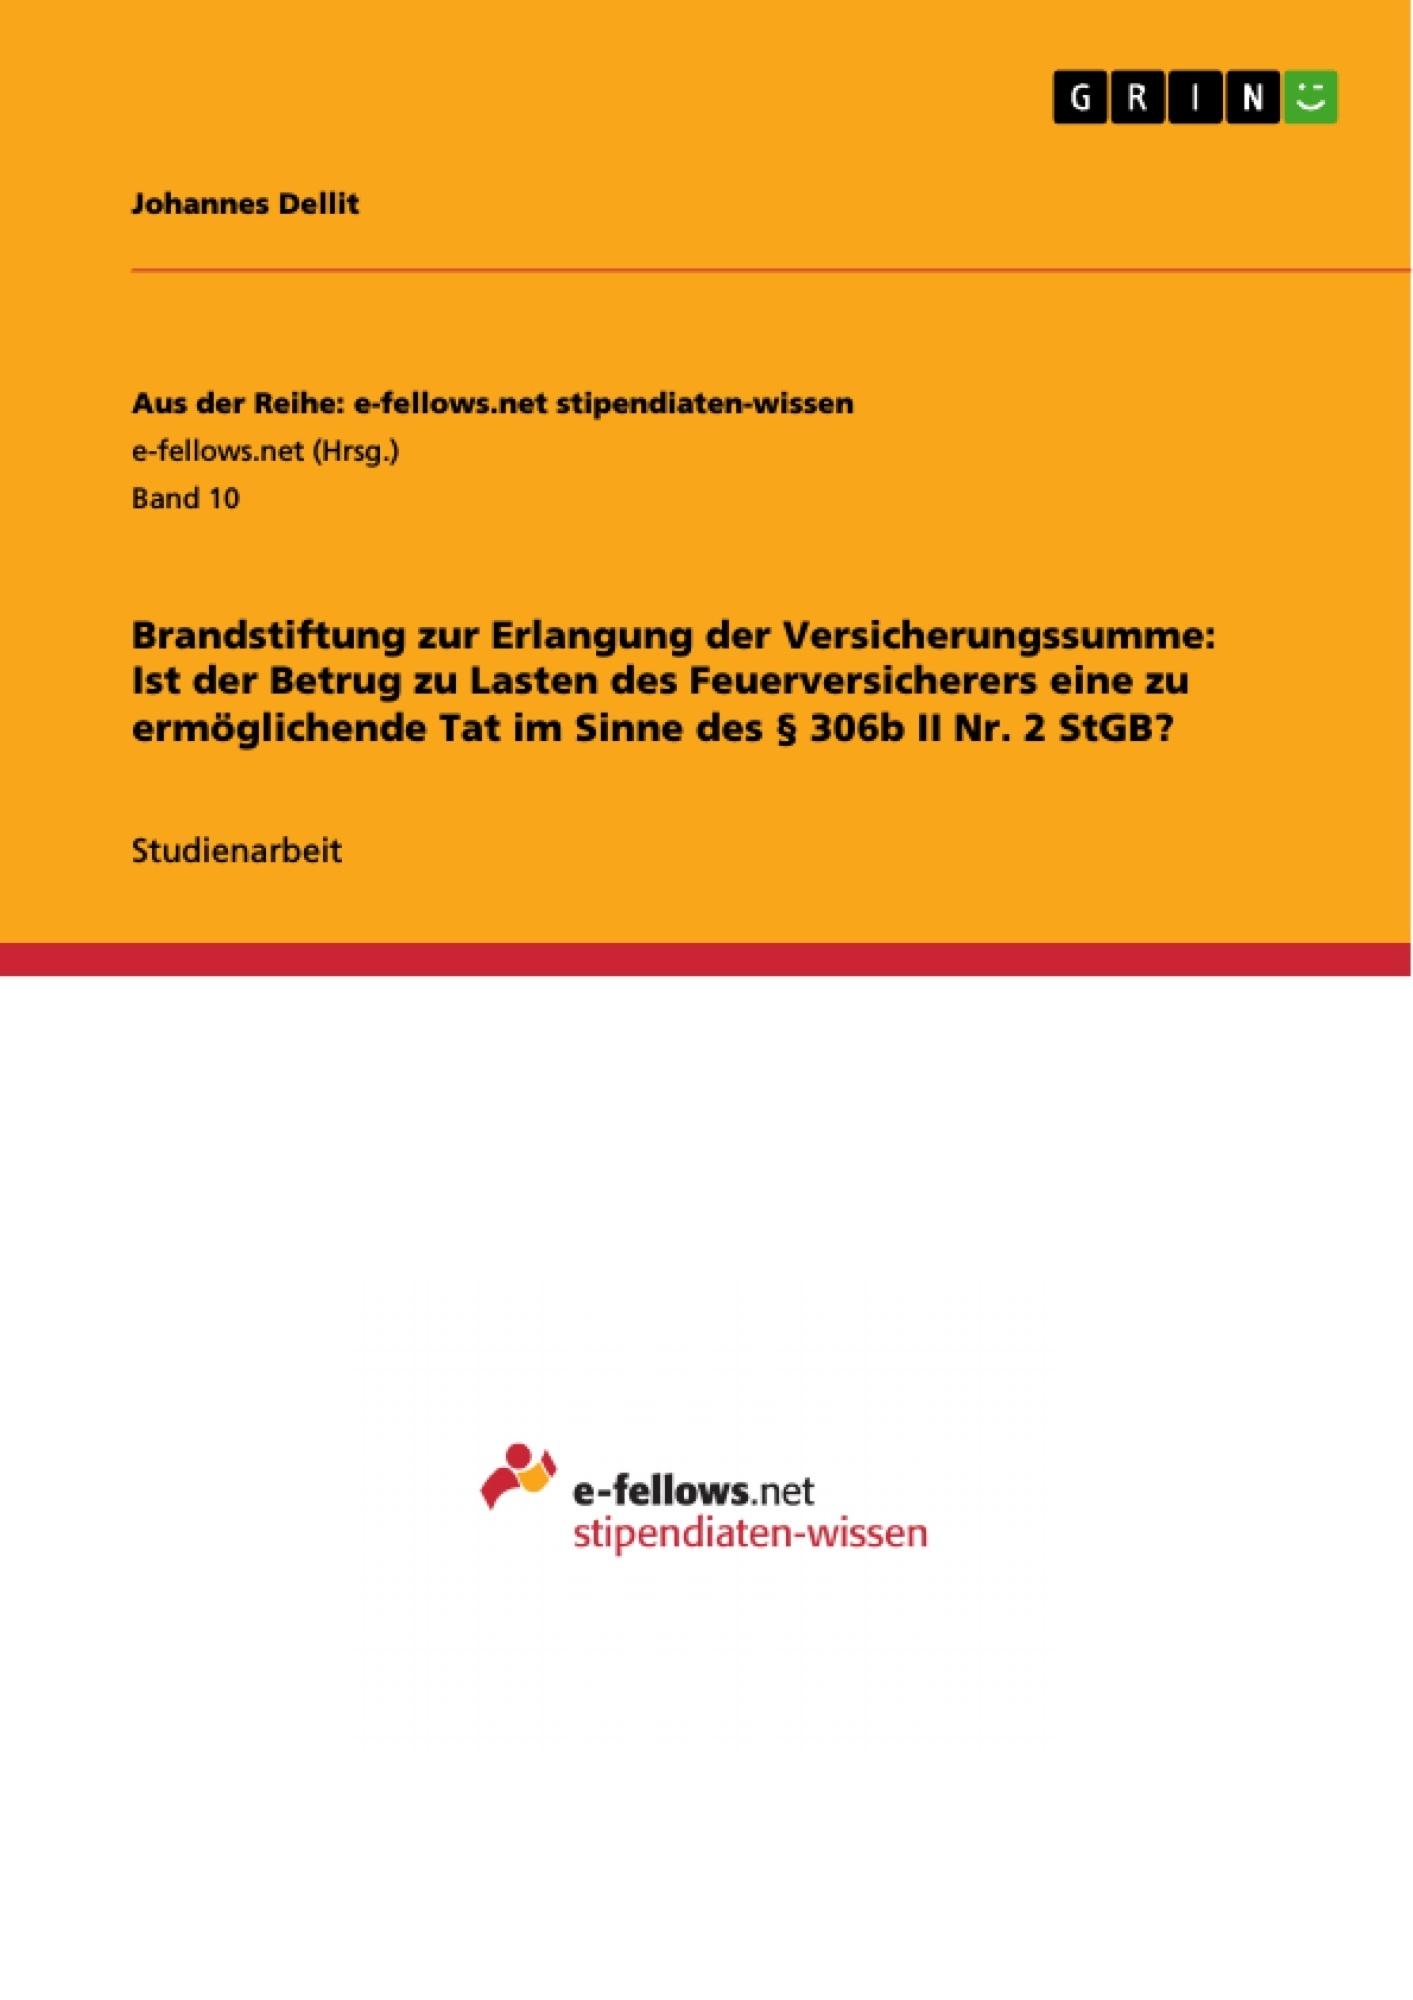 Titel: Brandstiftung zur Erlangung der Versicherungssumme: Ist der Betrug zu Lasten des Feuerversicherers eine zu ermöglichende Tat im Sinne des § 306b II Nr. 2 StGB?